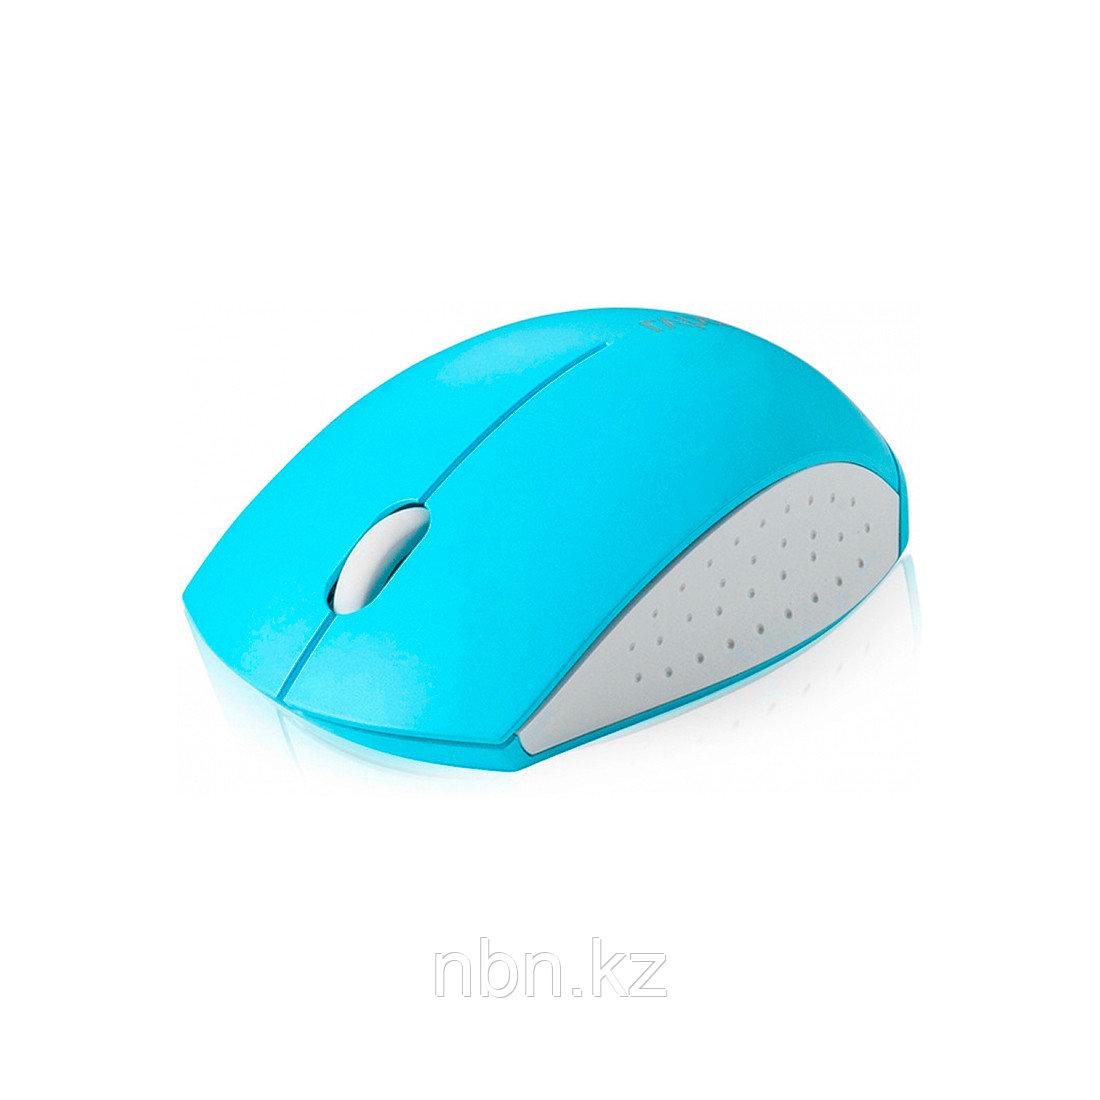 Компьютерная мышь Rapoo 3360 Синий